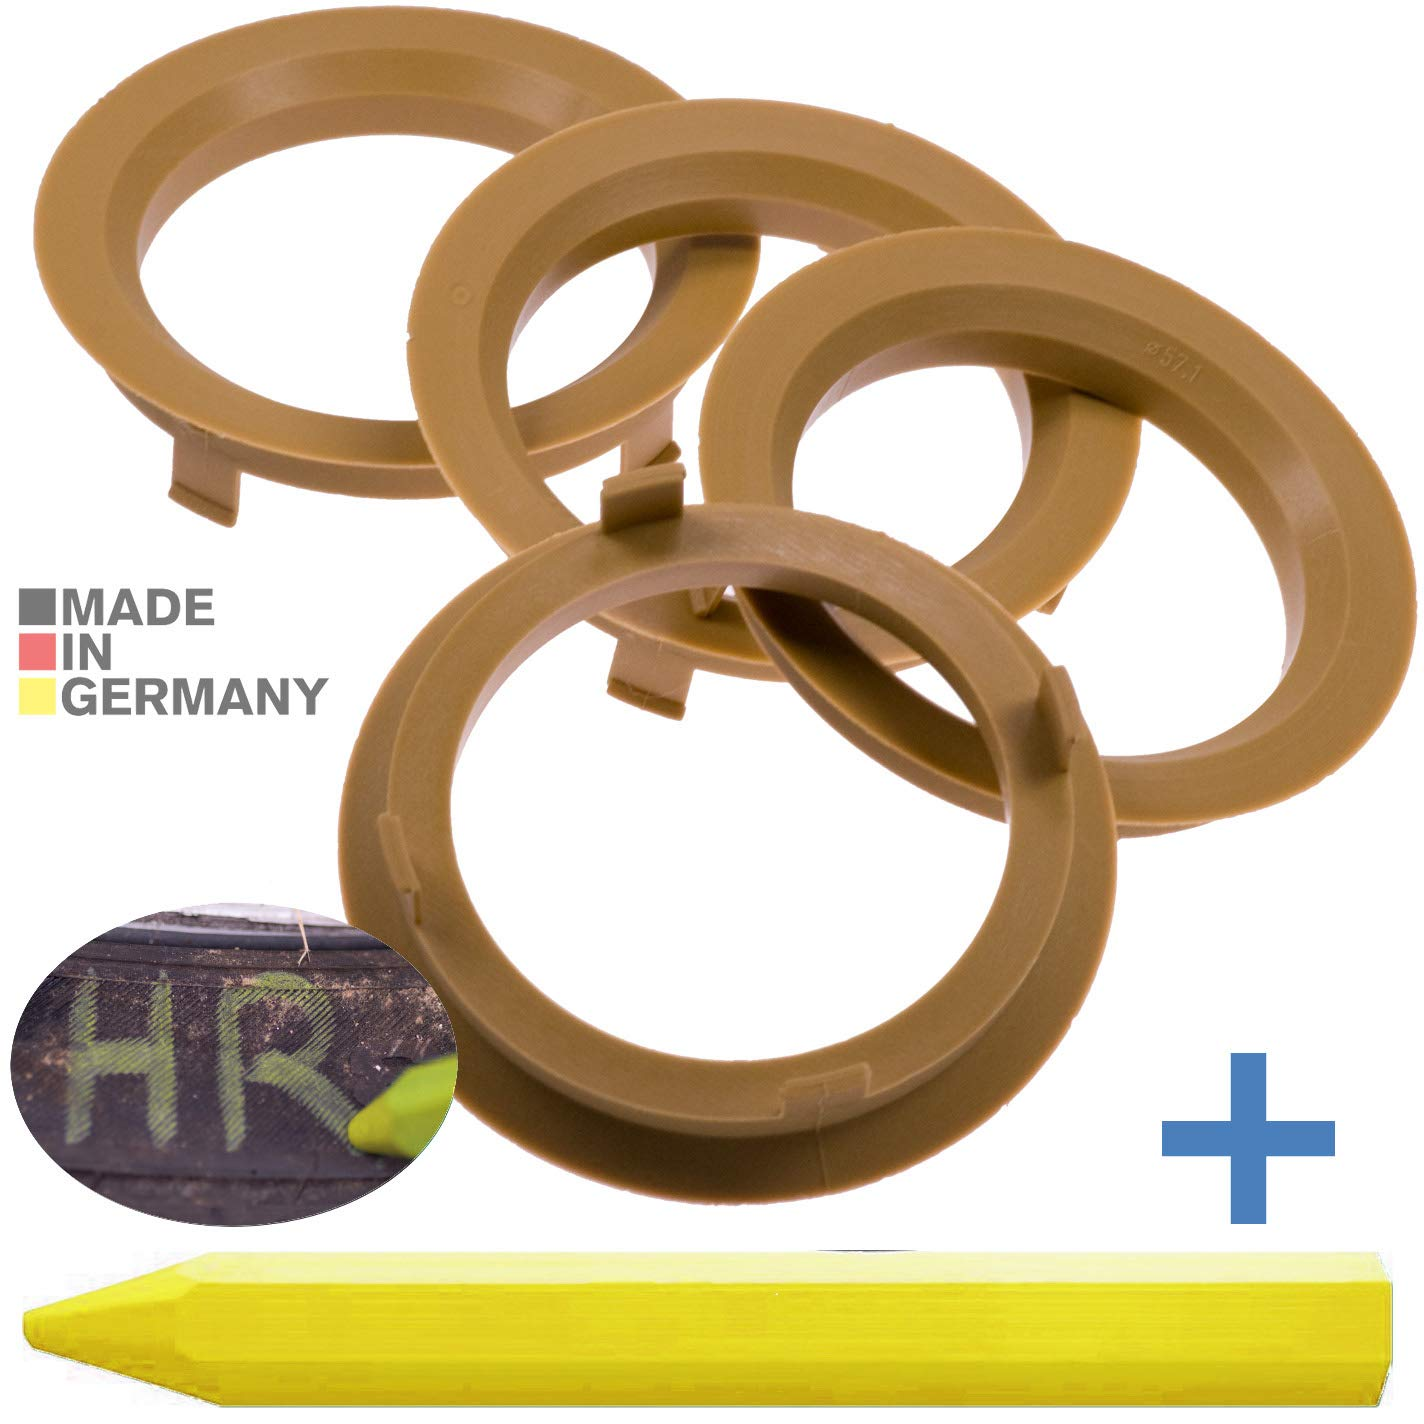 Anelli di centraggio 4x 70,1 x 57,1 mm MARRONE CHIARO CERCHI ANELLI MADE IN GERMANY